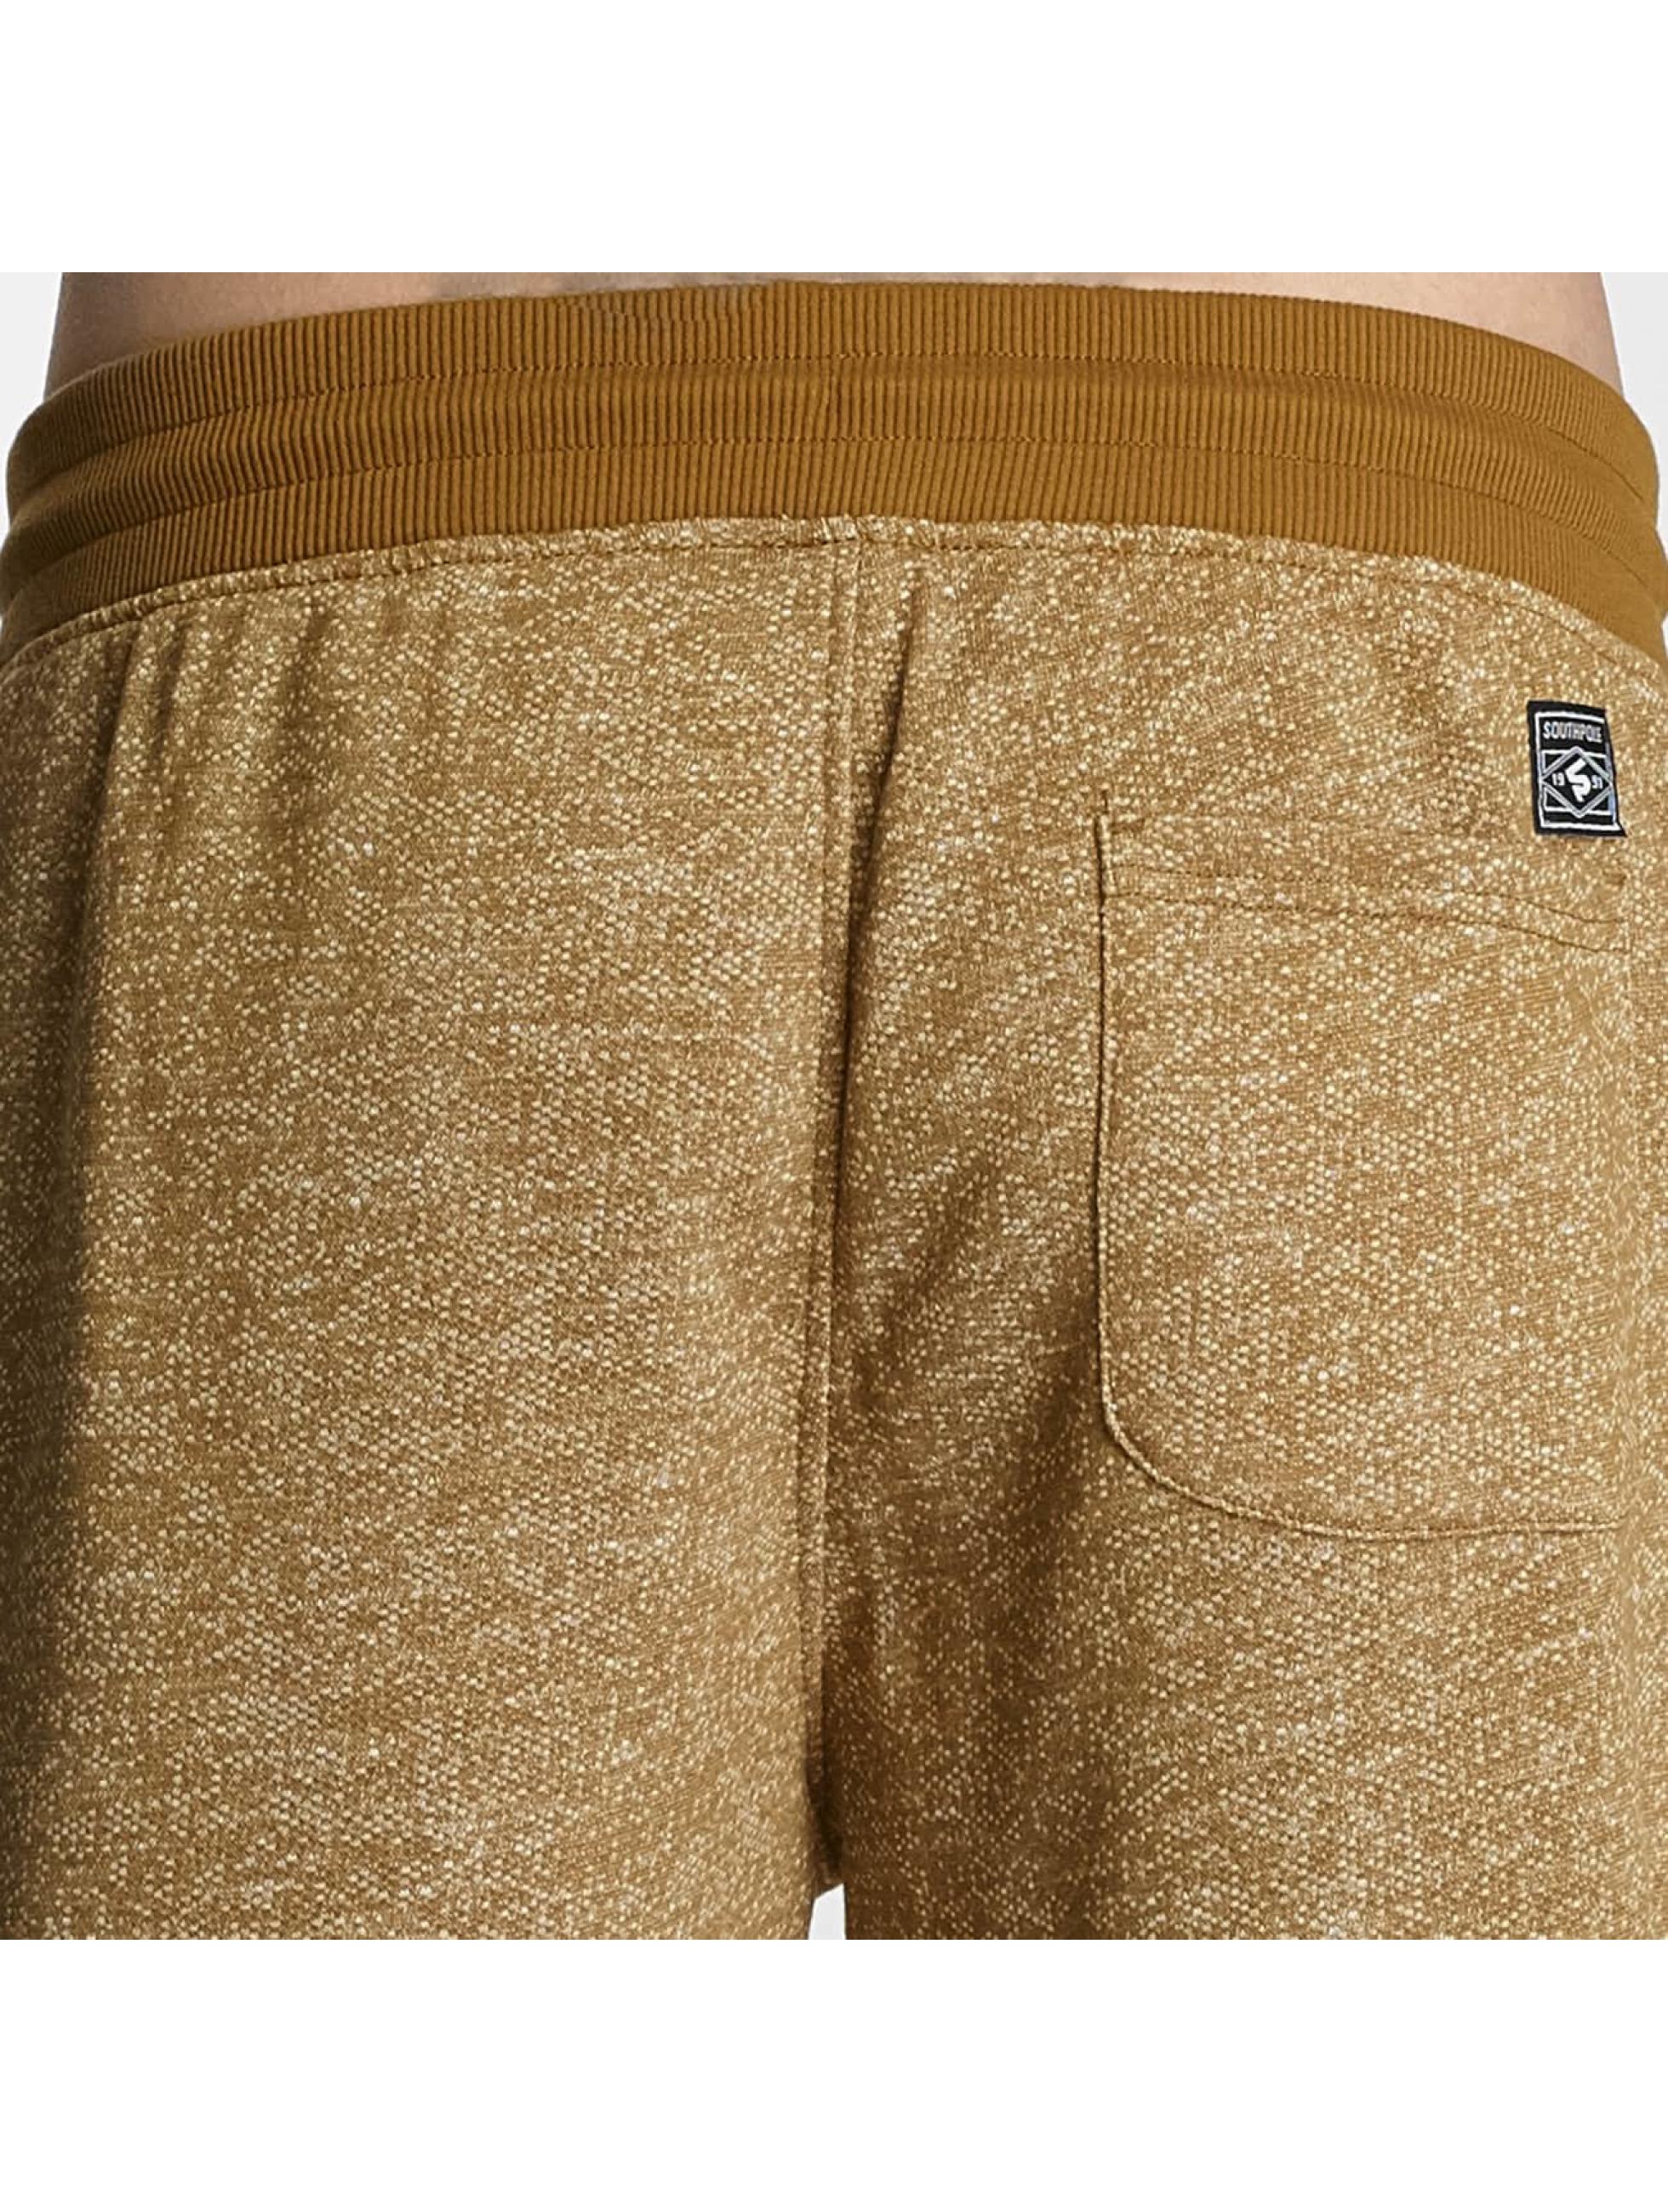 Southpole Jogging kalhoty Sweat béžový